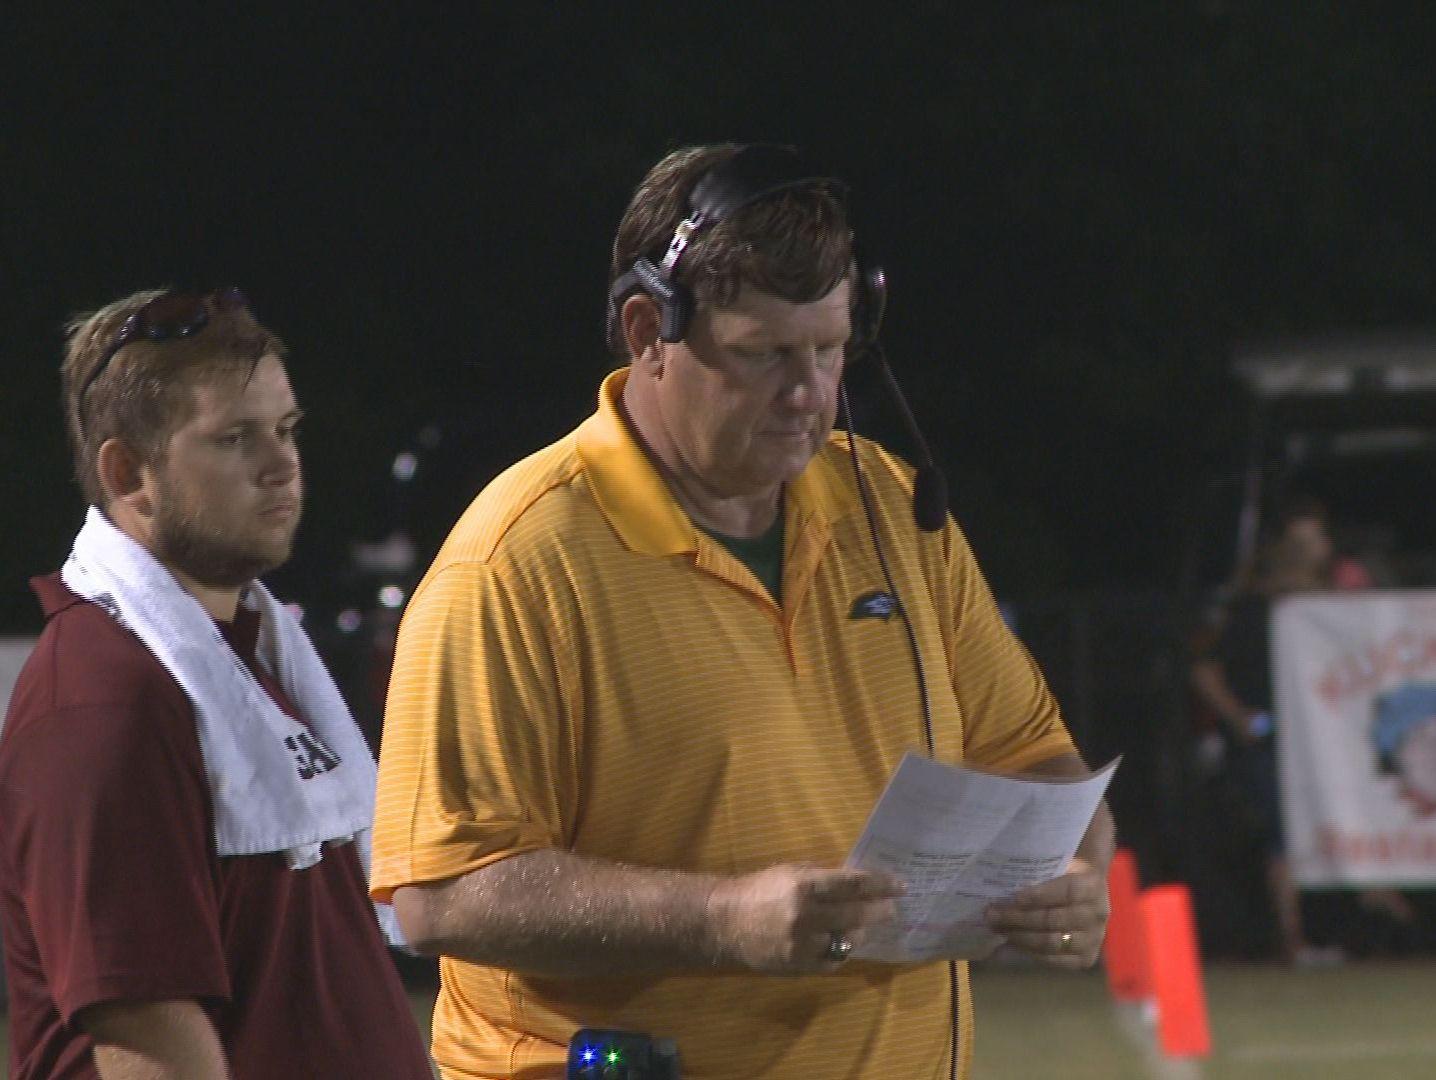 Ben Lippen School has hired Scott Jones as its new athletics director.